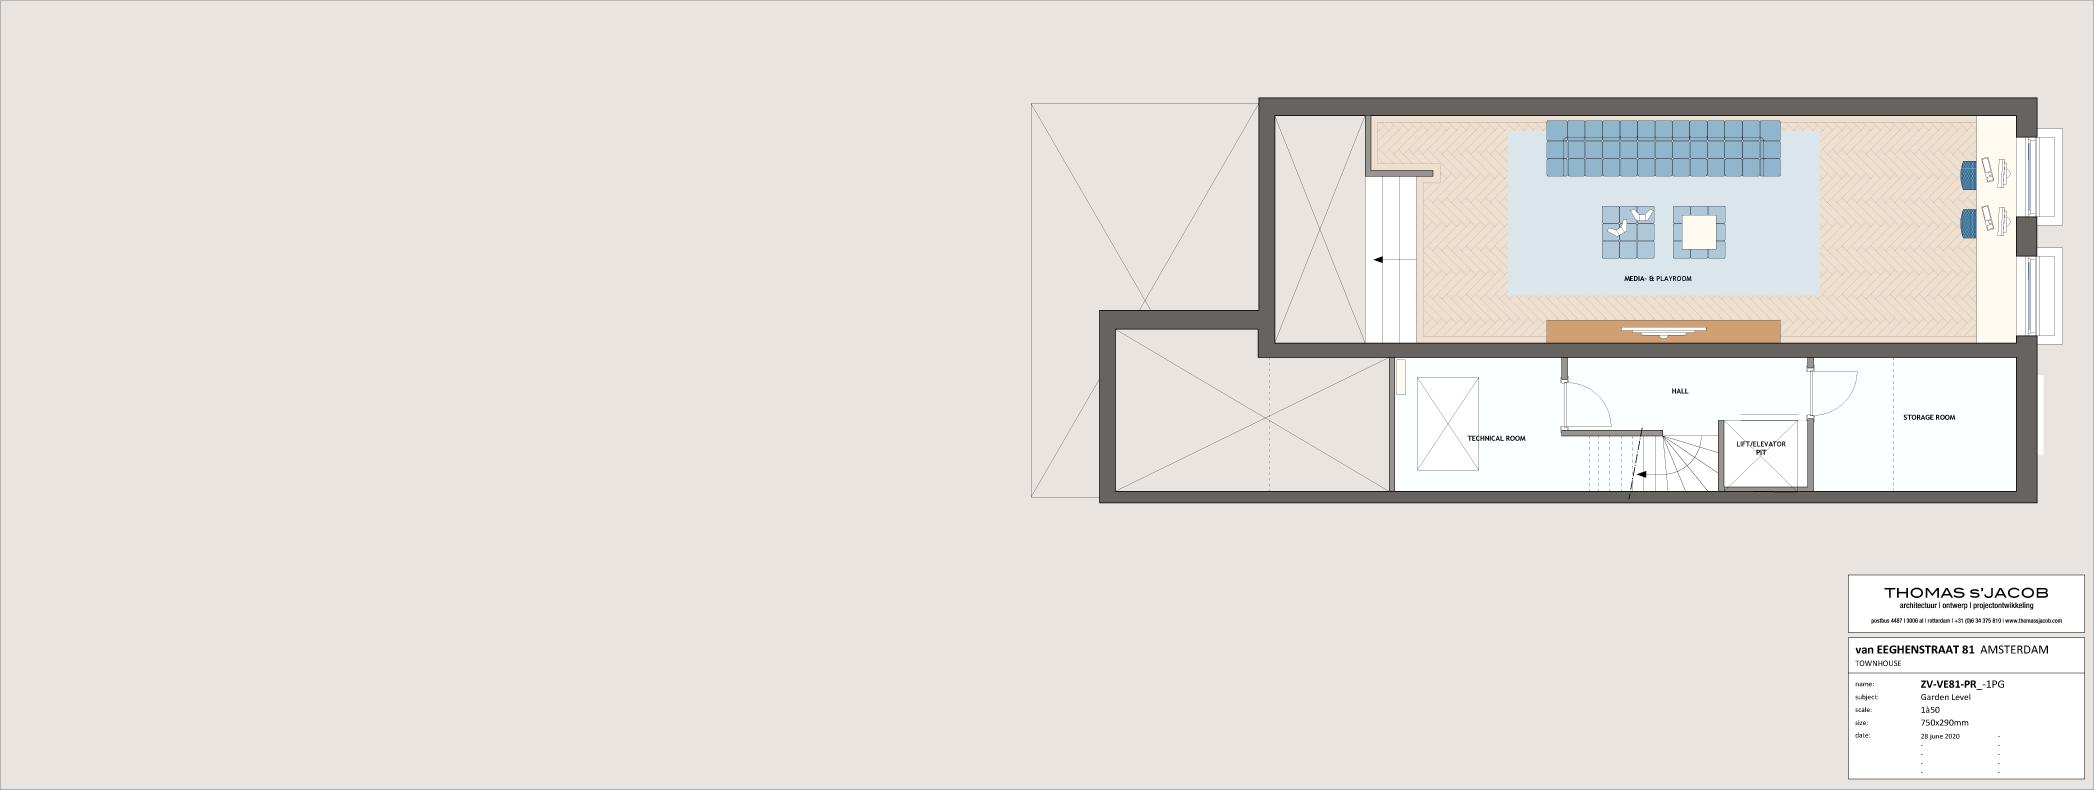 plattegrond van eeghenstraat 81, tuin niveau